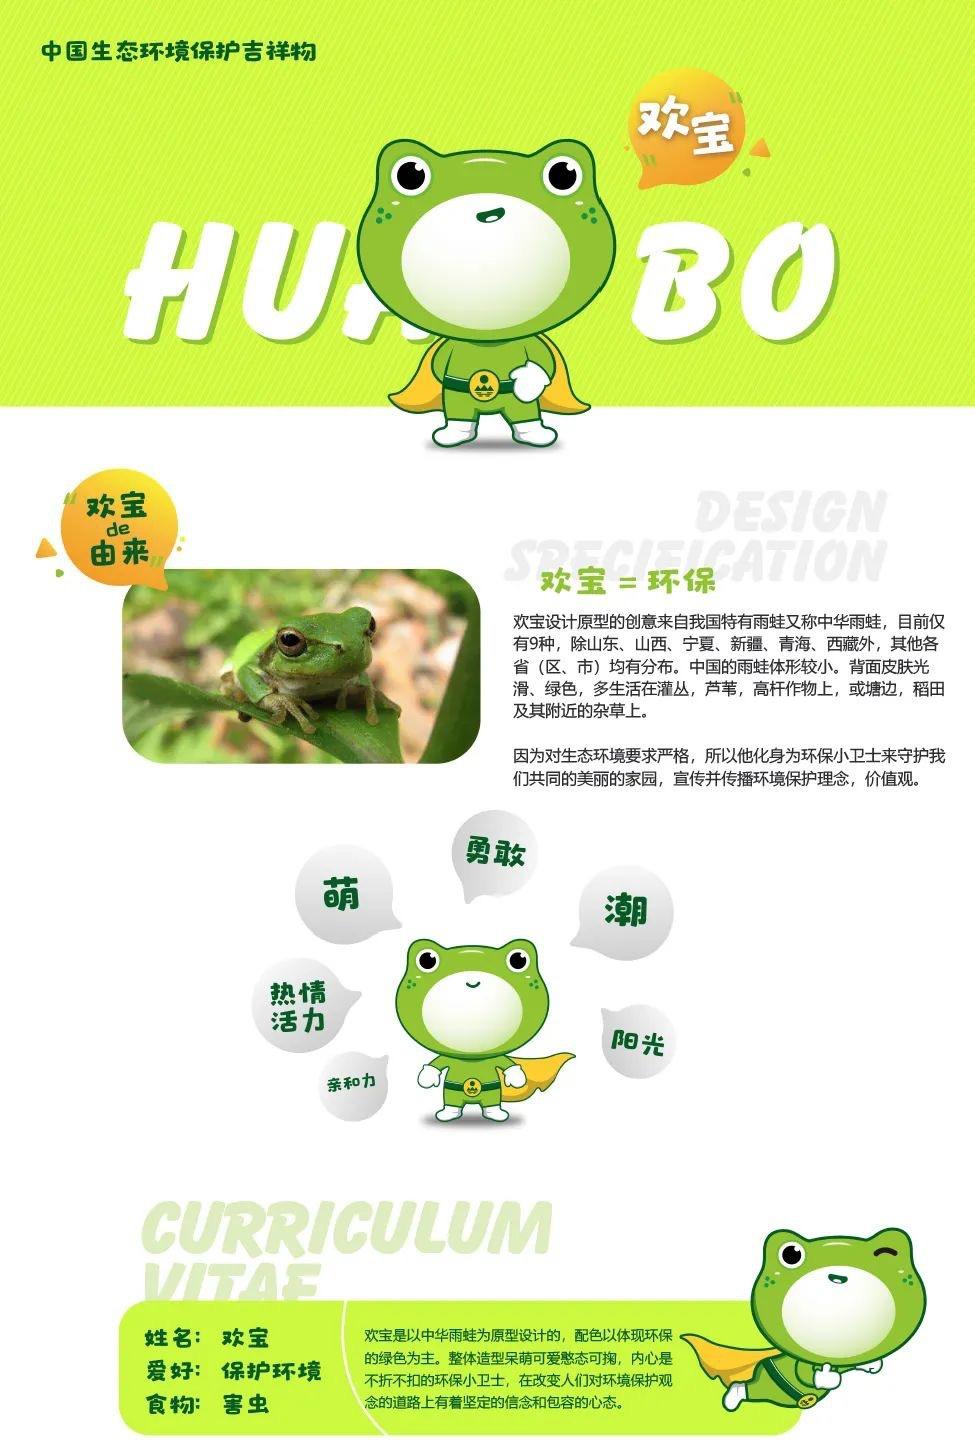 [摩天娱乐]中国生态环摩天娱乐保吉祥物图片